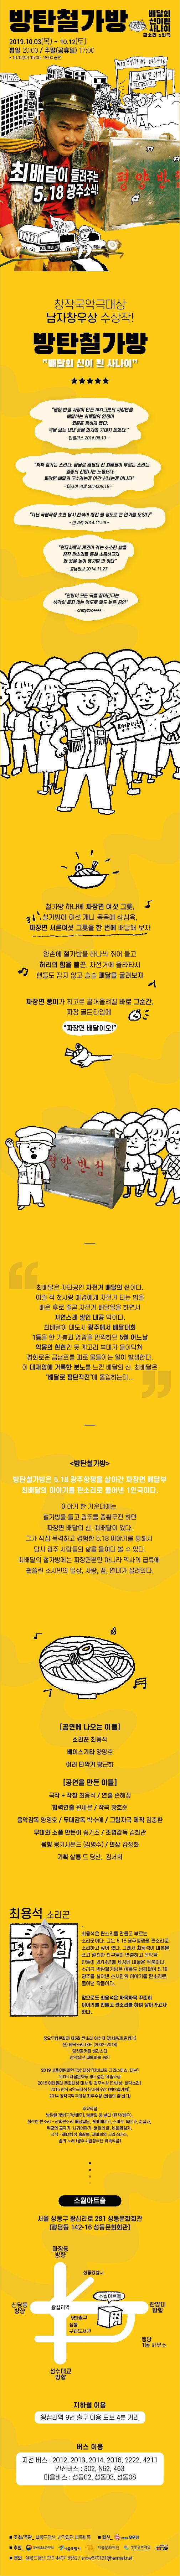 방탄철가방_웹페이지.jpg